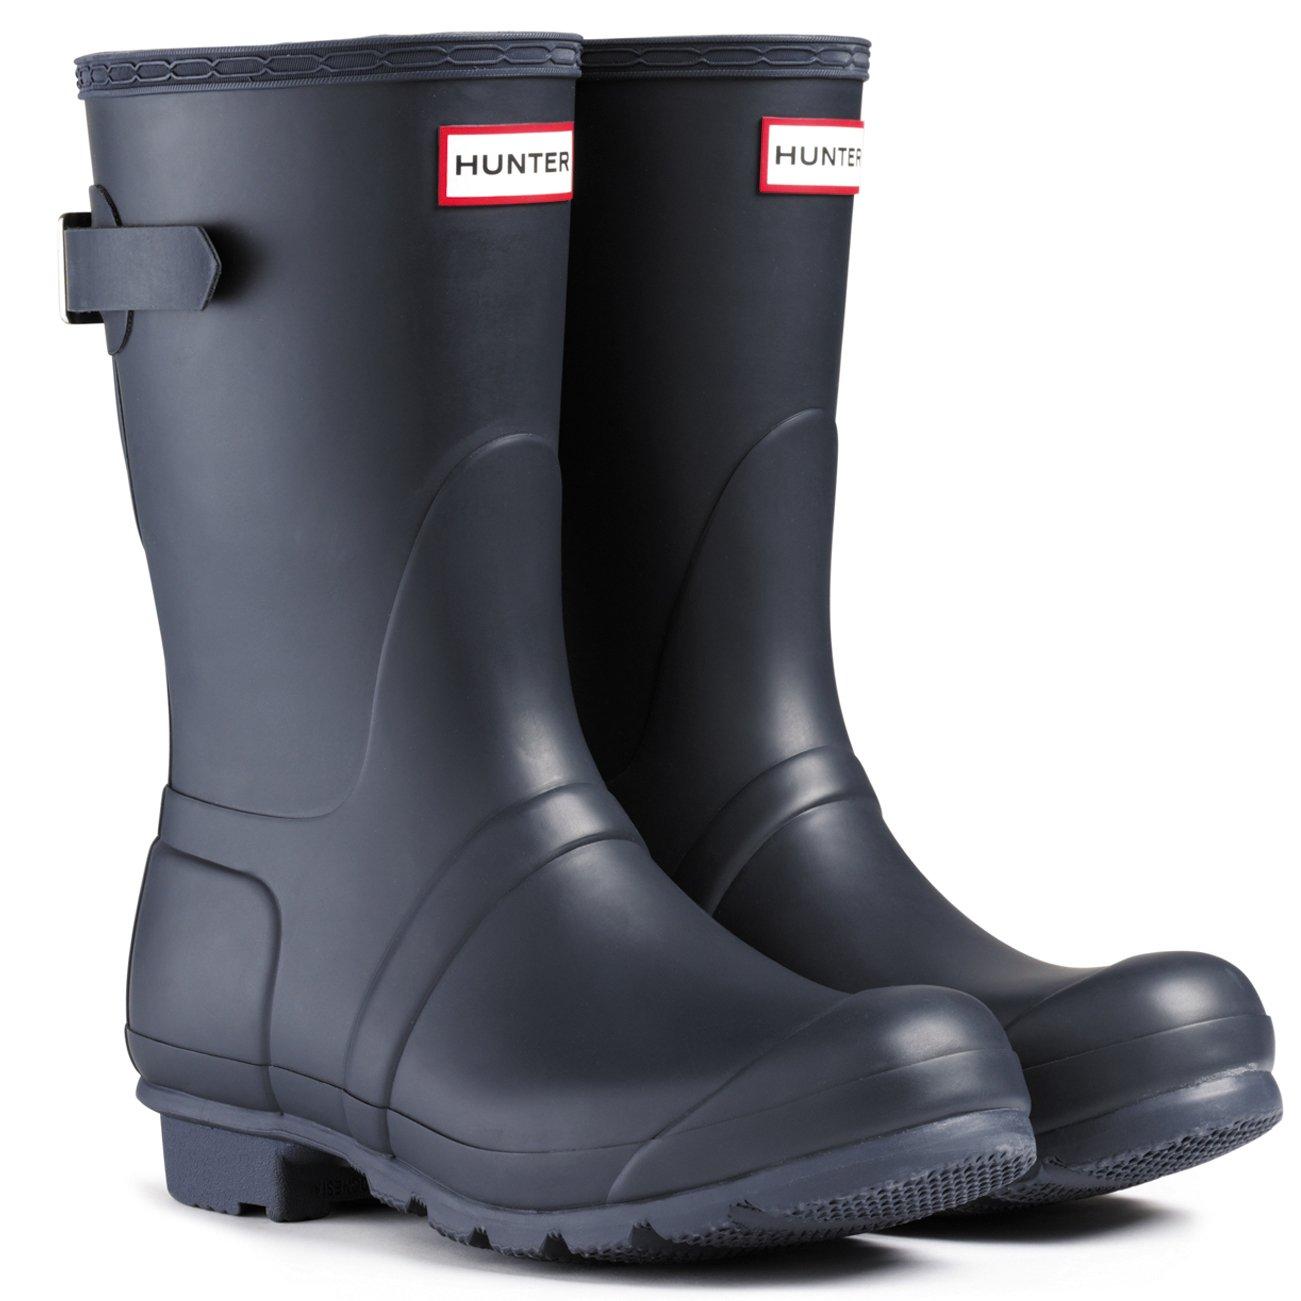 (ハンター)Hunter オリジナル アジャスタブル バックショート長靴 フェスティバルレインブーツ 5 ネイビー   B00JHKCVHO